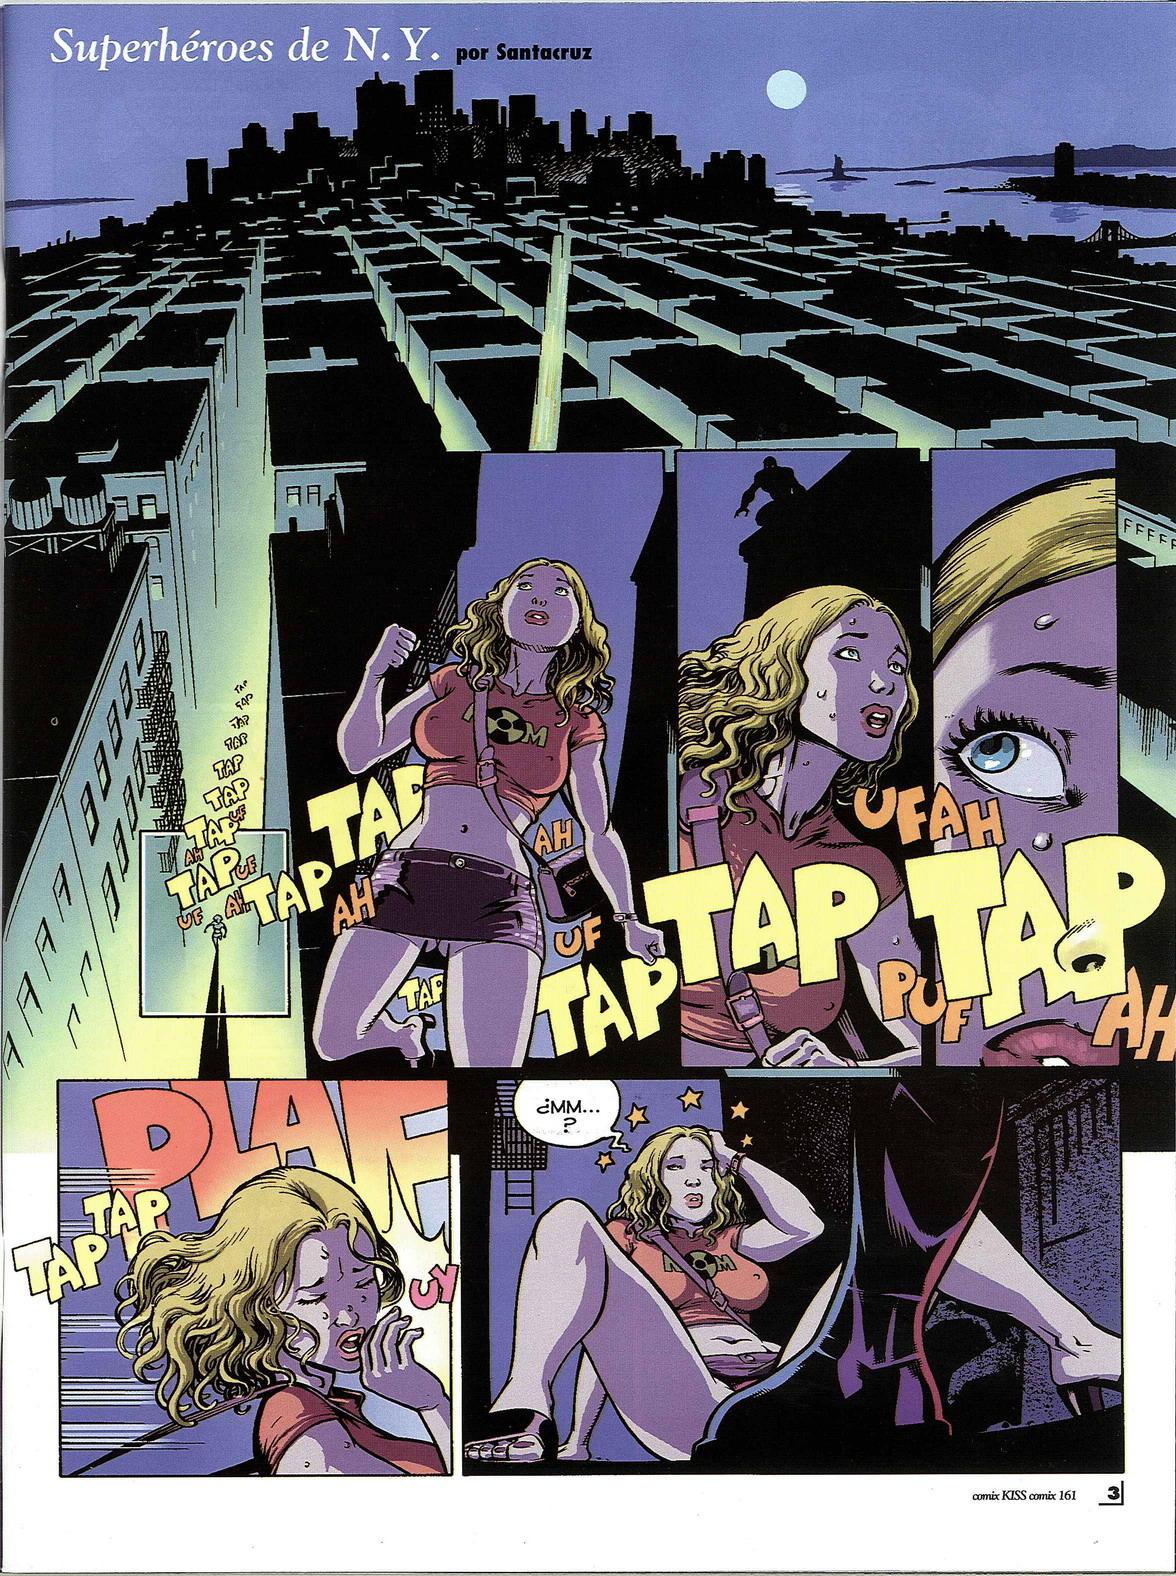 One those heros poringa comics